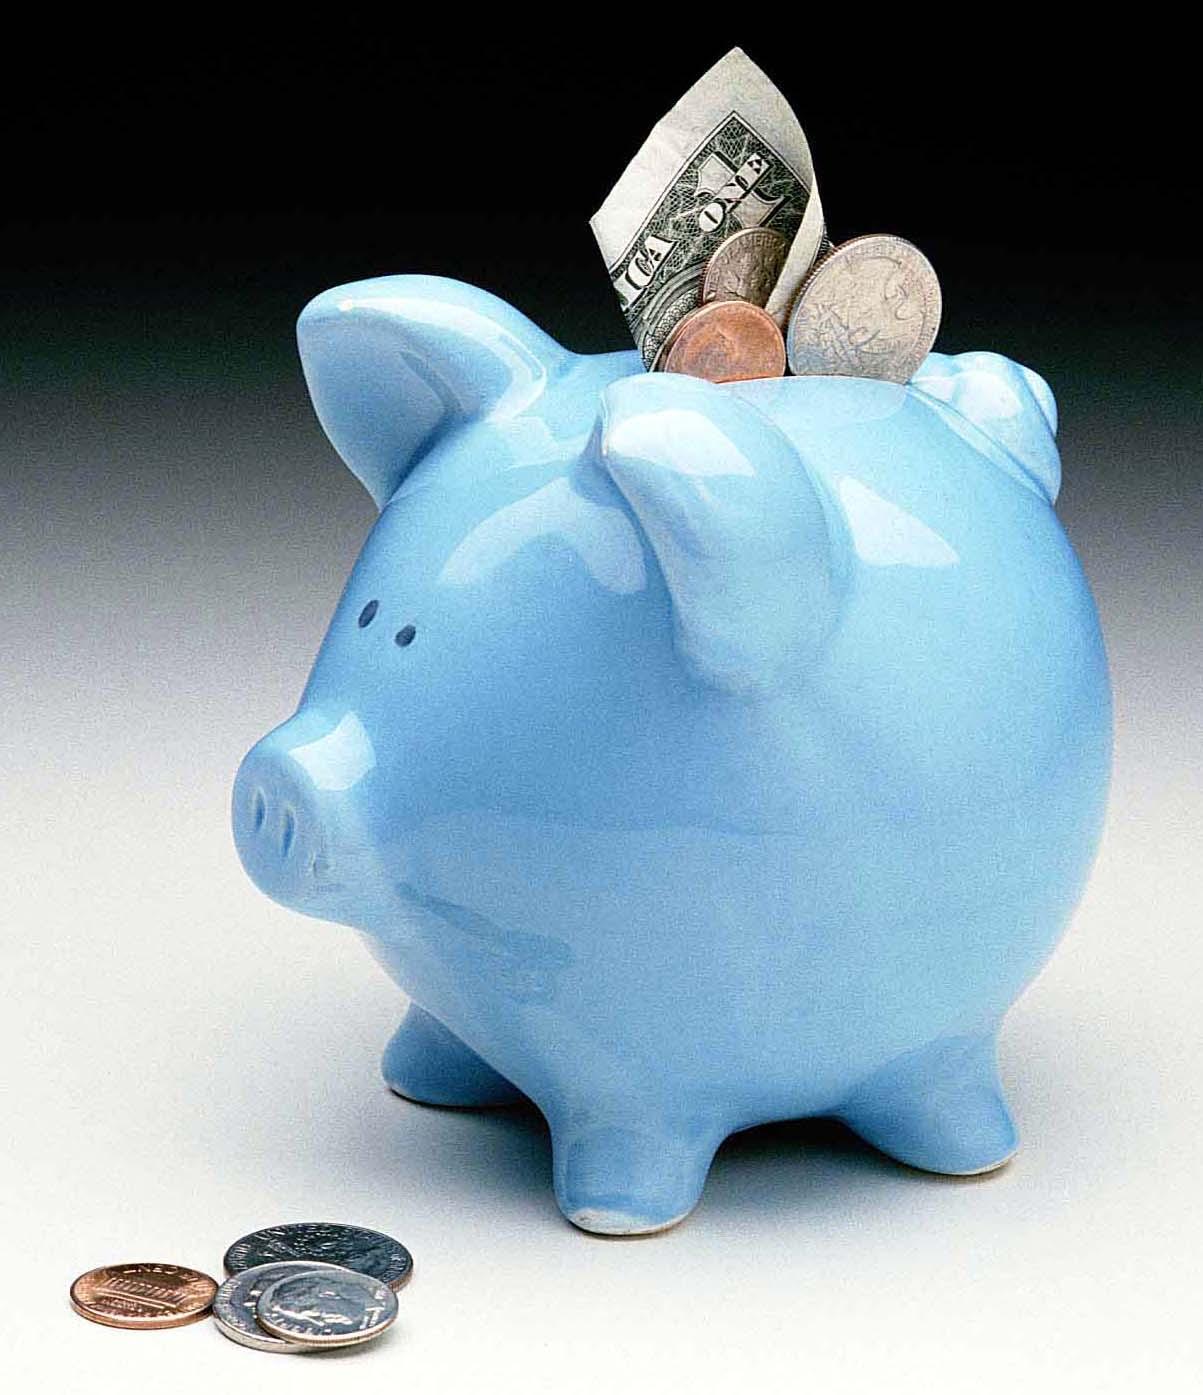 Открывая депозитный счет в банке вы